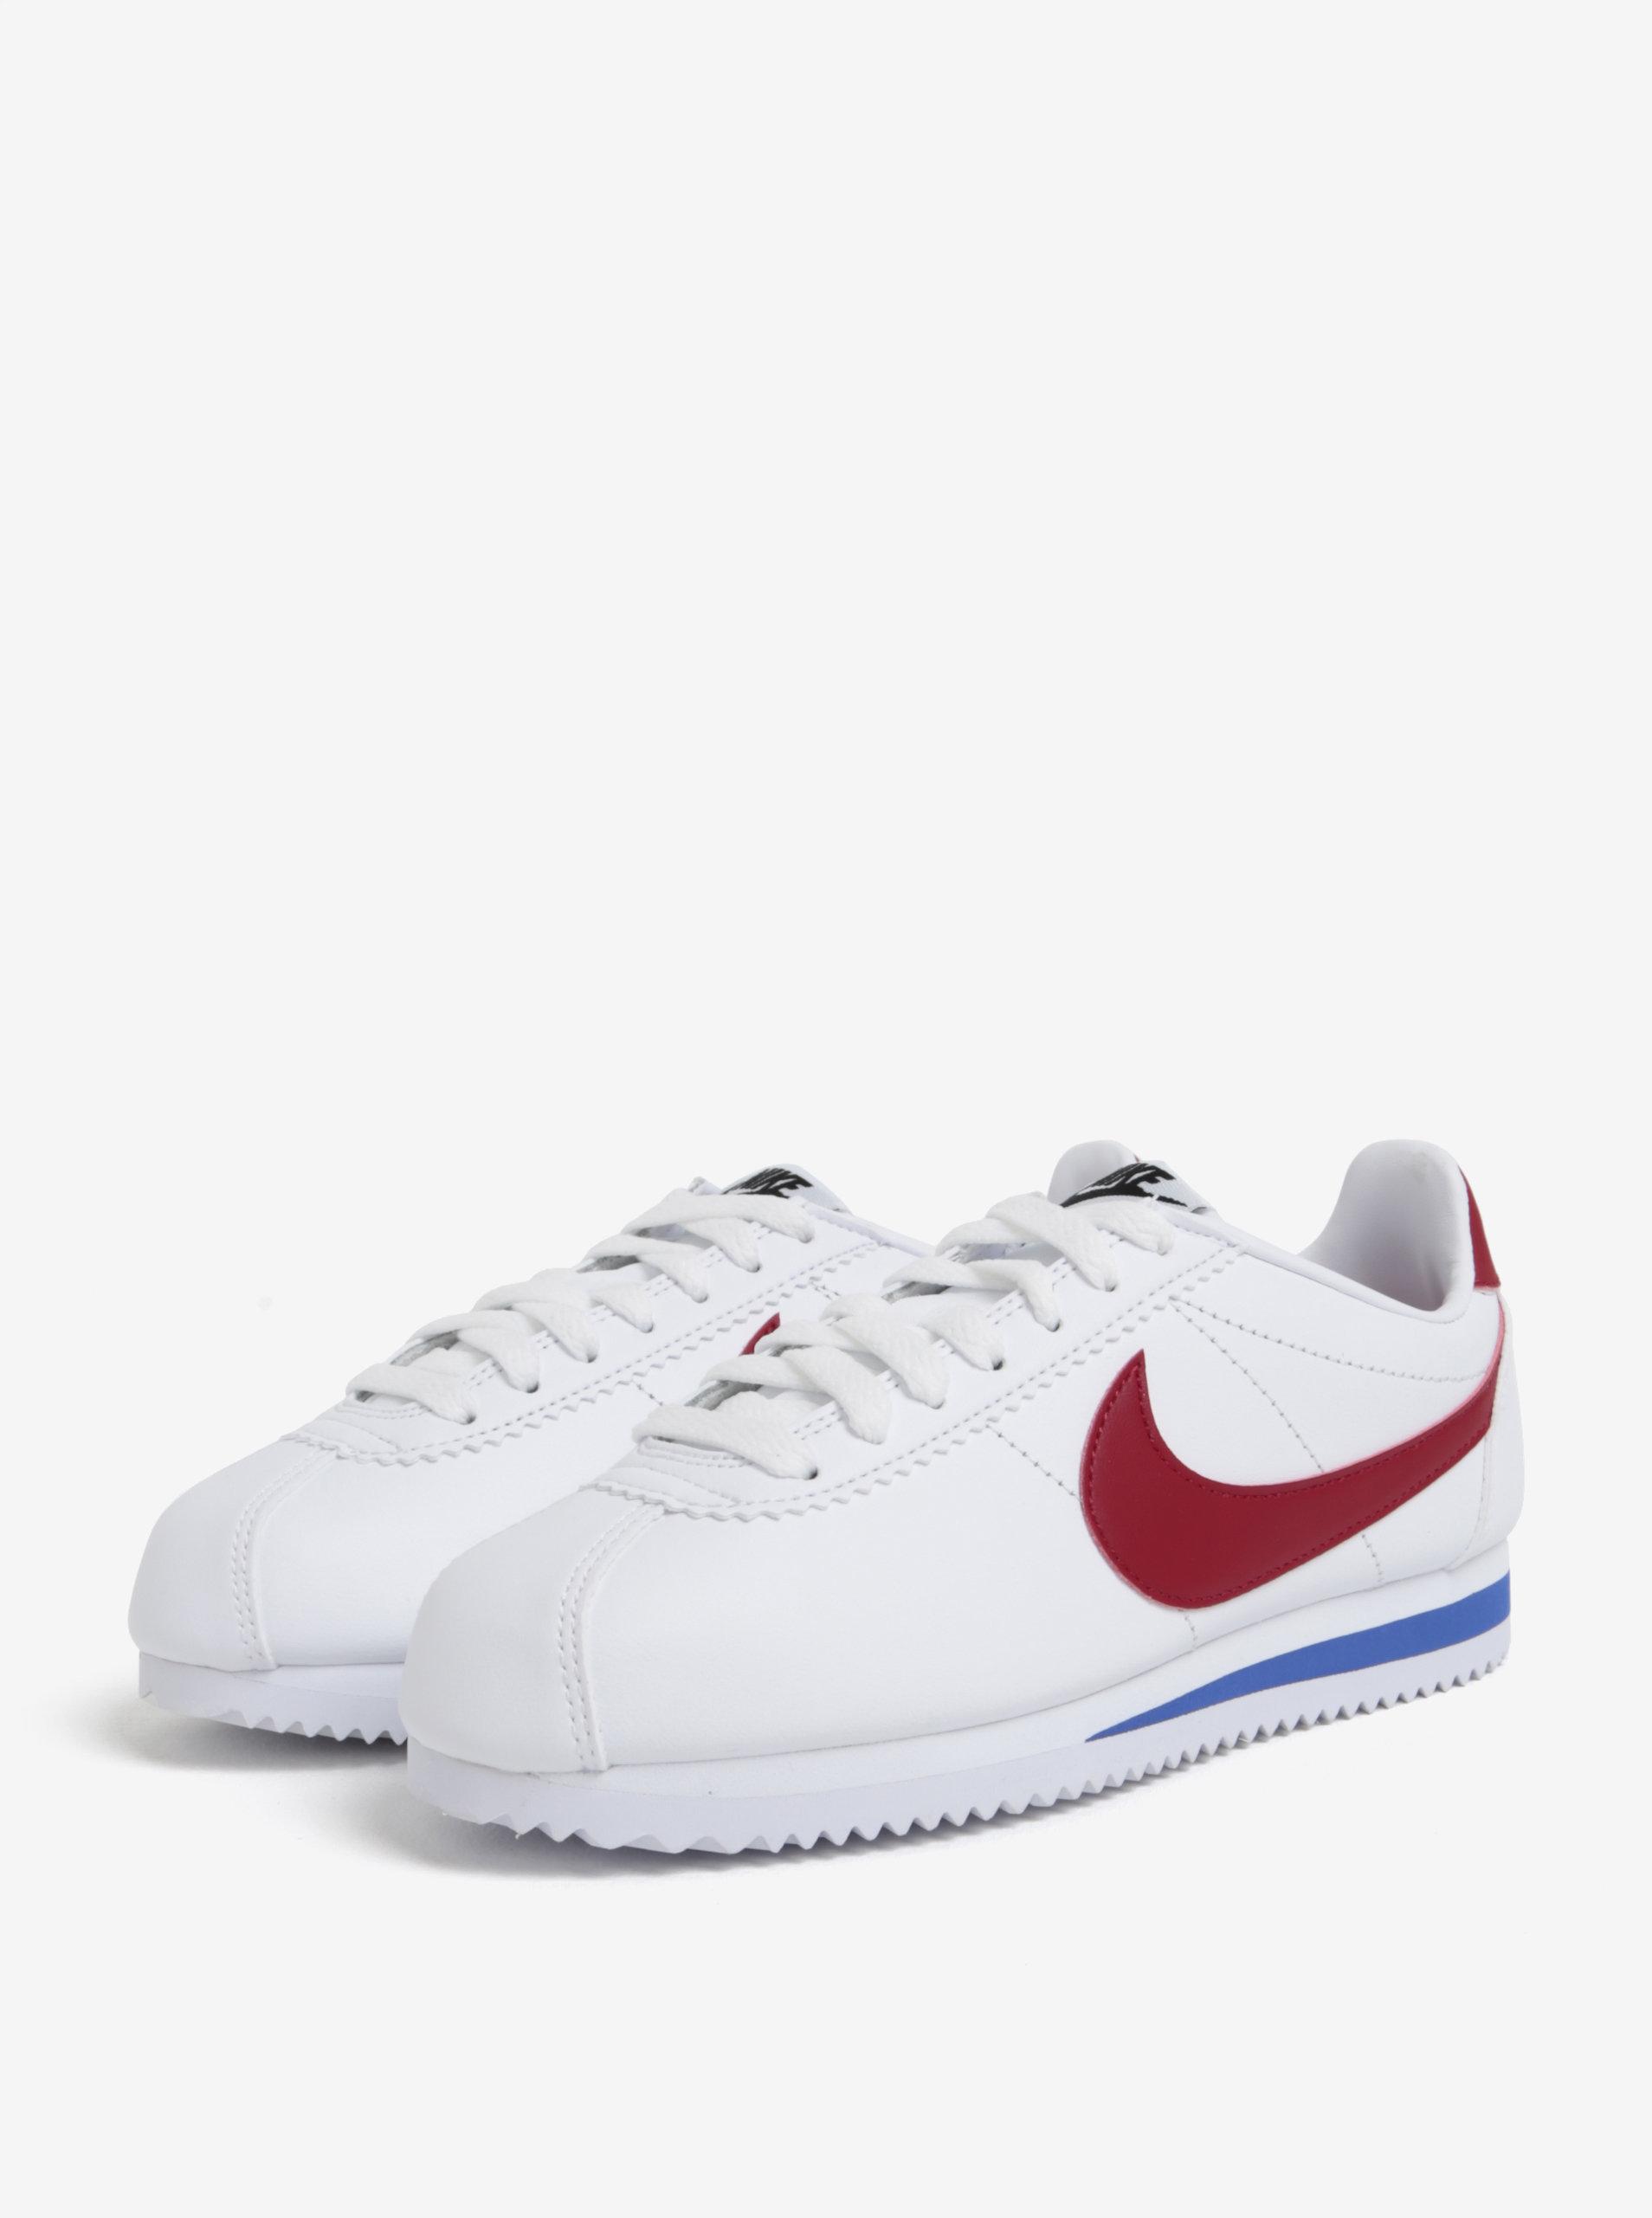 Bílé dámské kožené tenisky Nike Classic Cortez ... 6e0672834a5